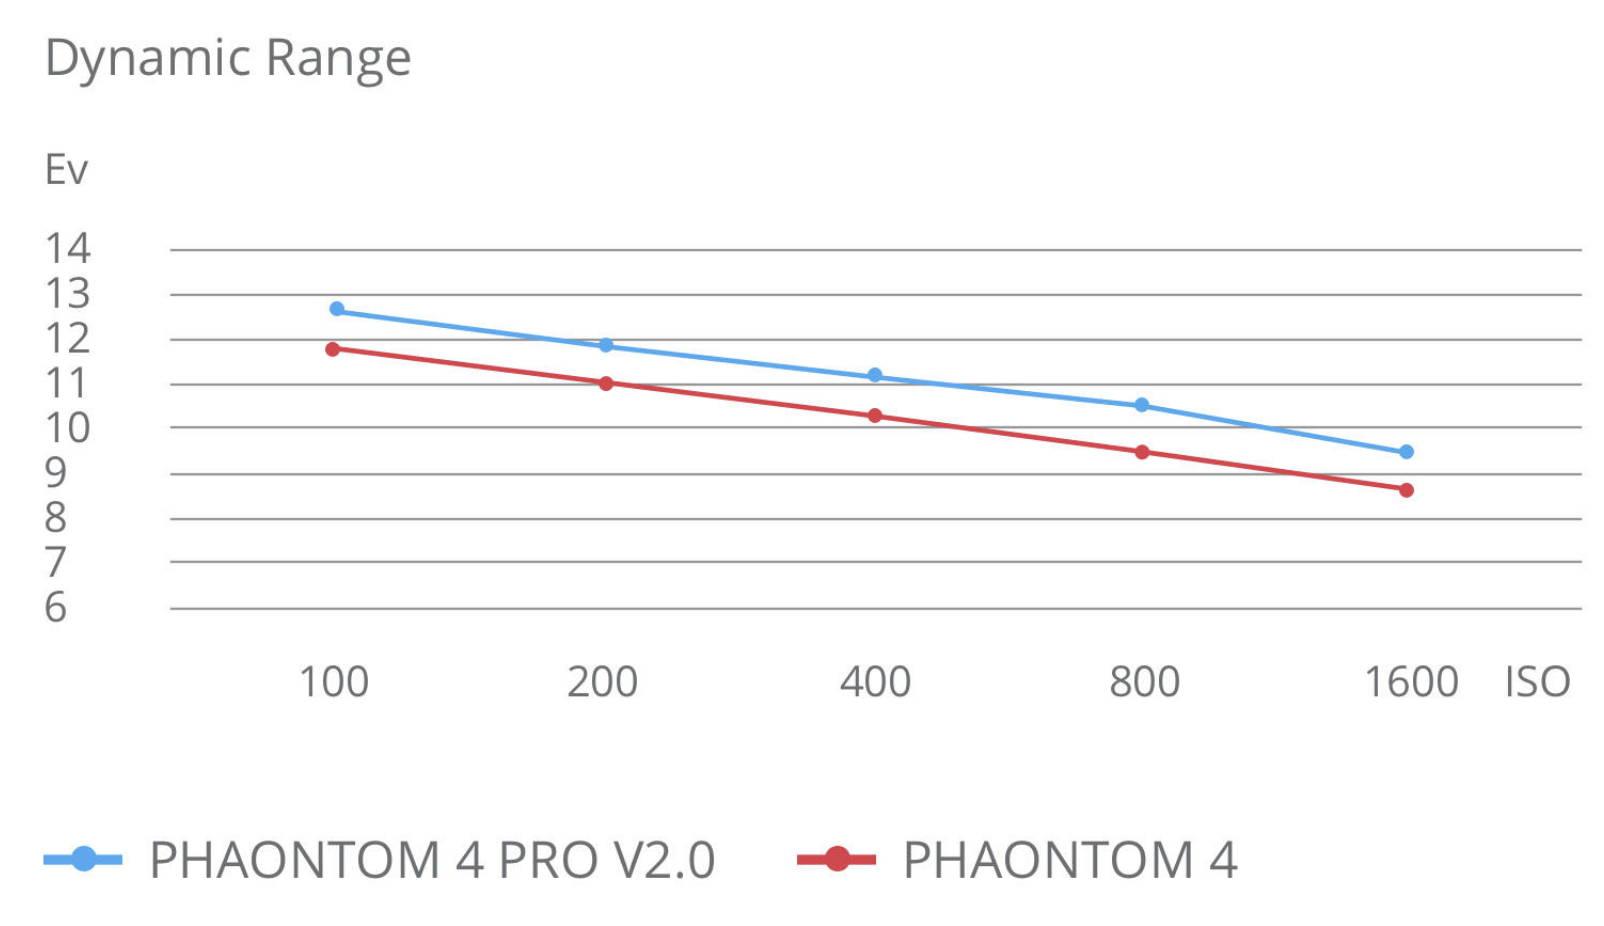 Phantom 4 Pro V2.0 4